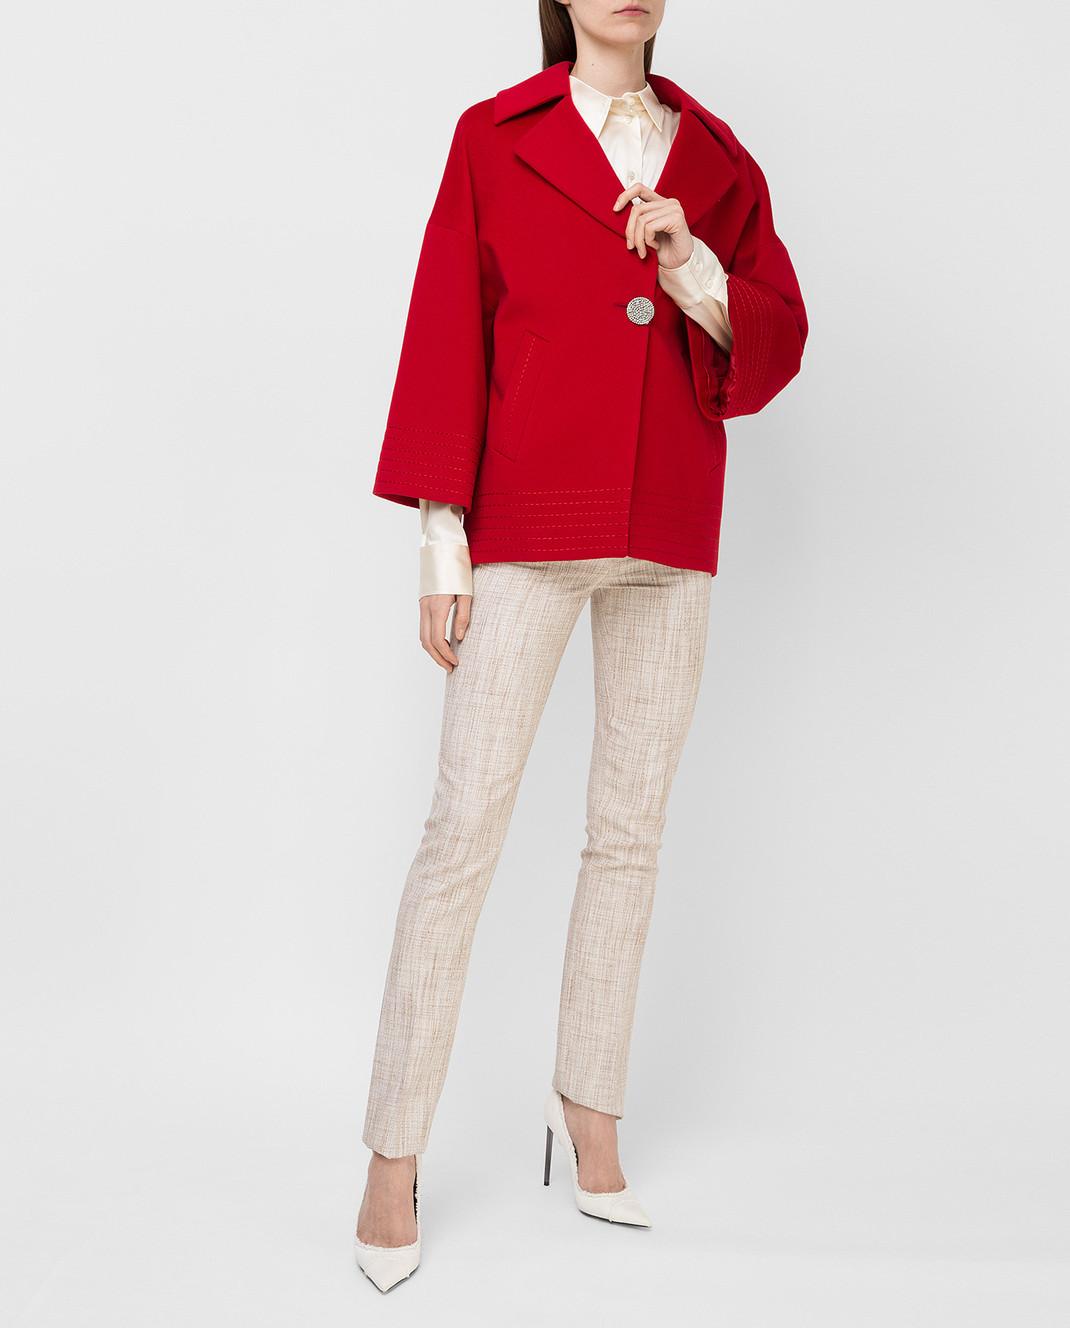 Heresis Красное пальто из шерсти K5270 изображение 2